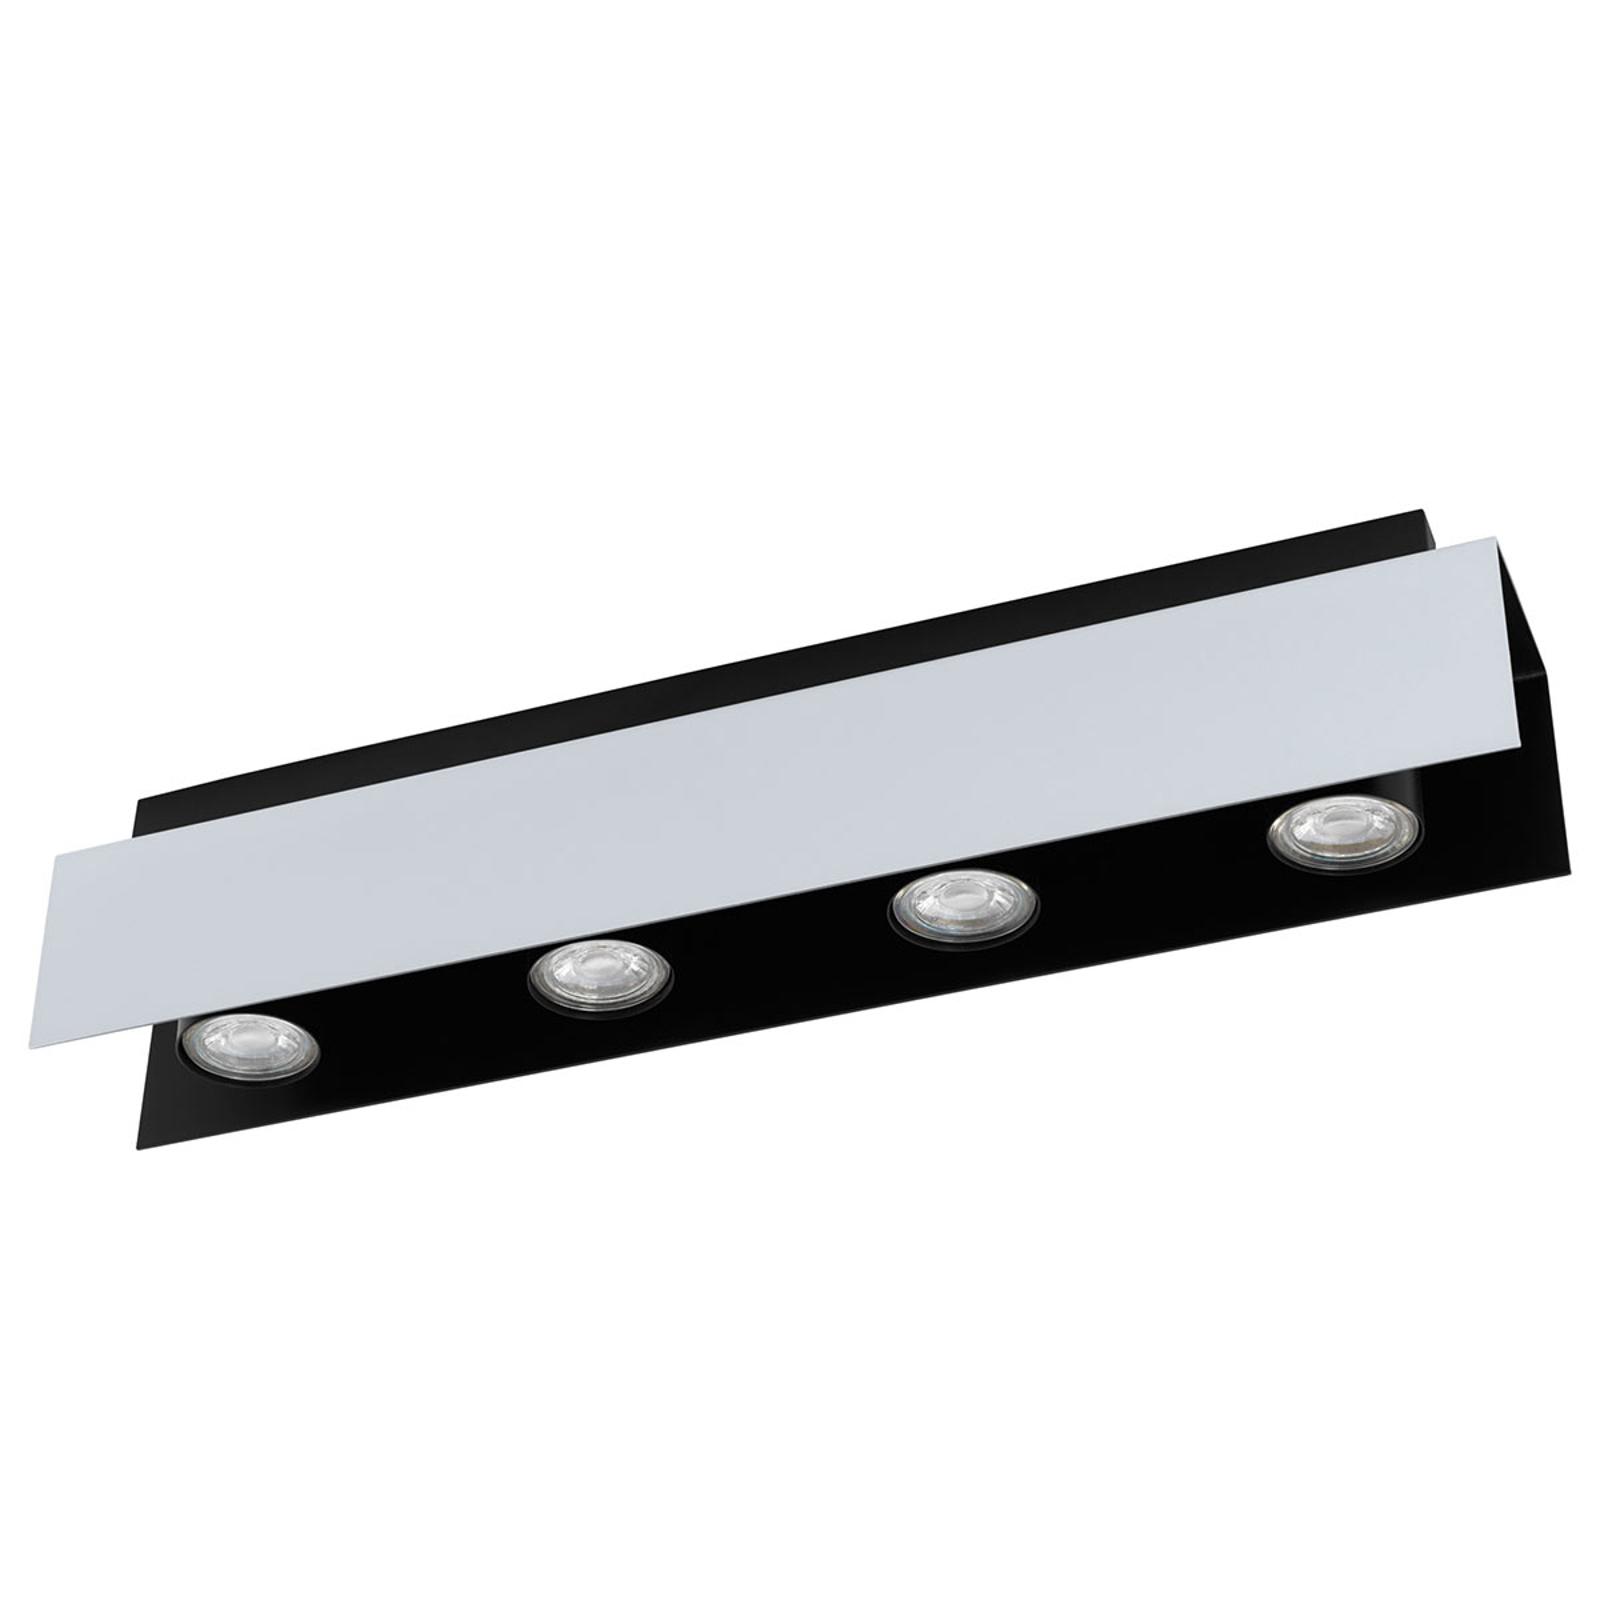 LED stropní světlo Viserba 55cm